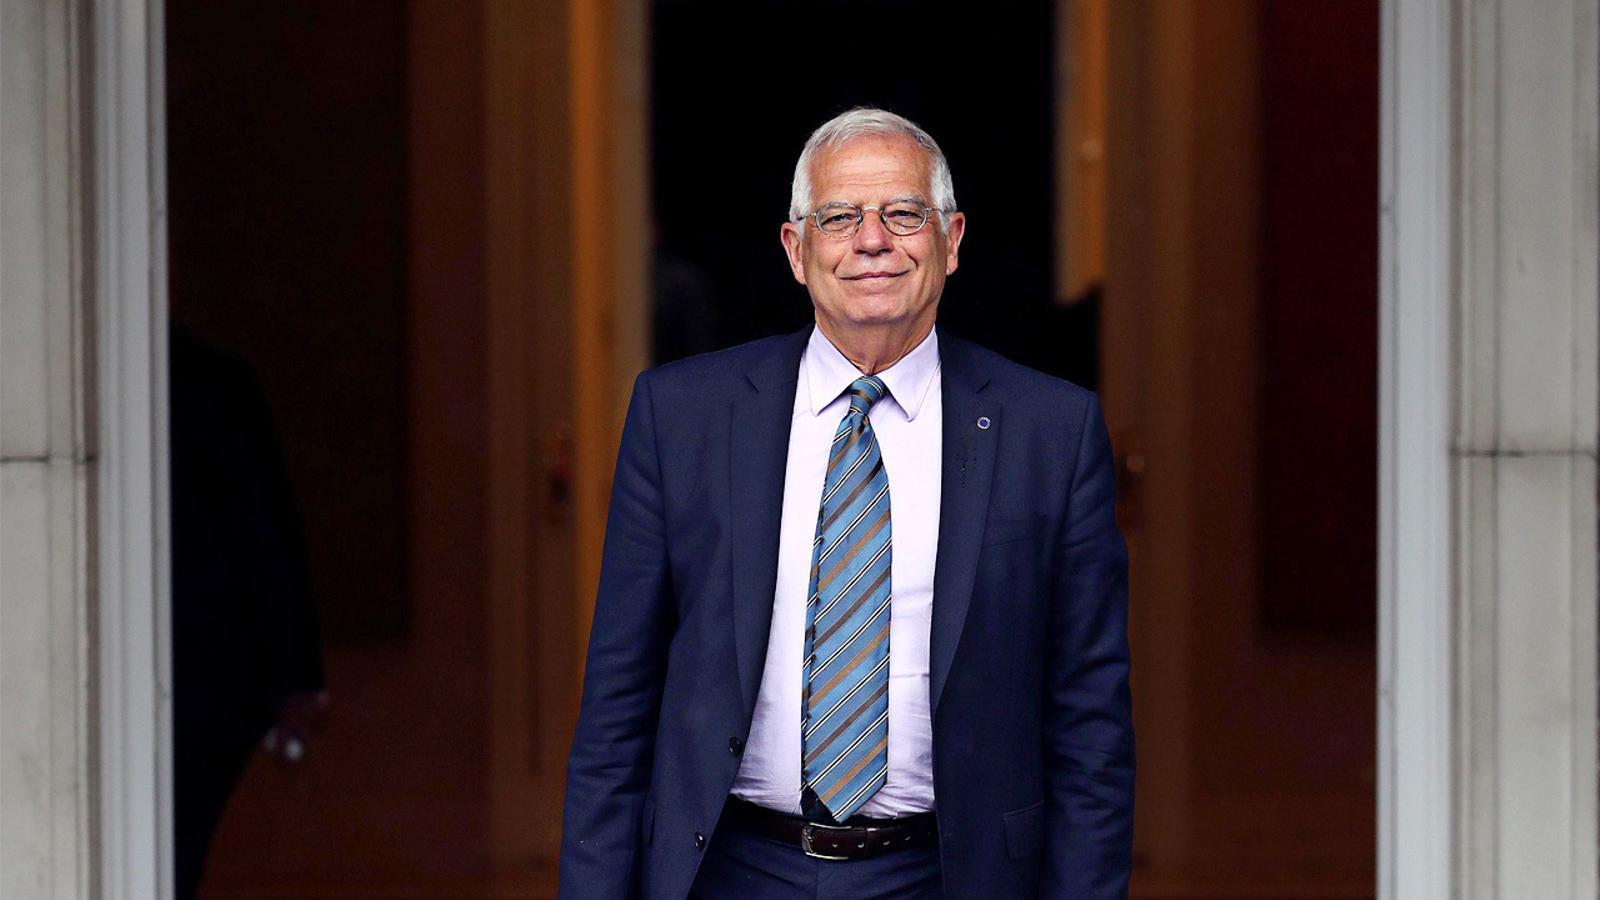 L'anàlisi d'Antoni Bassas: 'L'enfrontament de Borrell i la profecia autocomplerta'